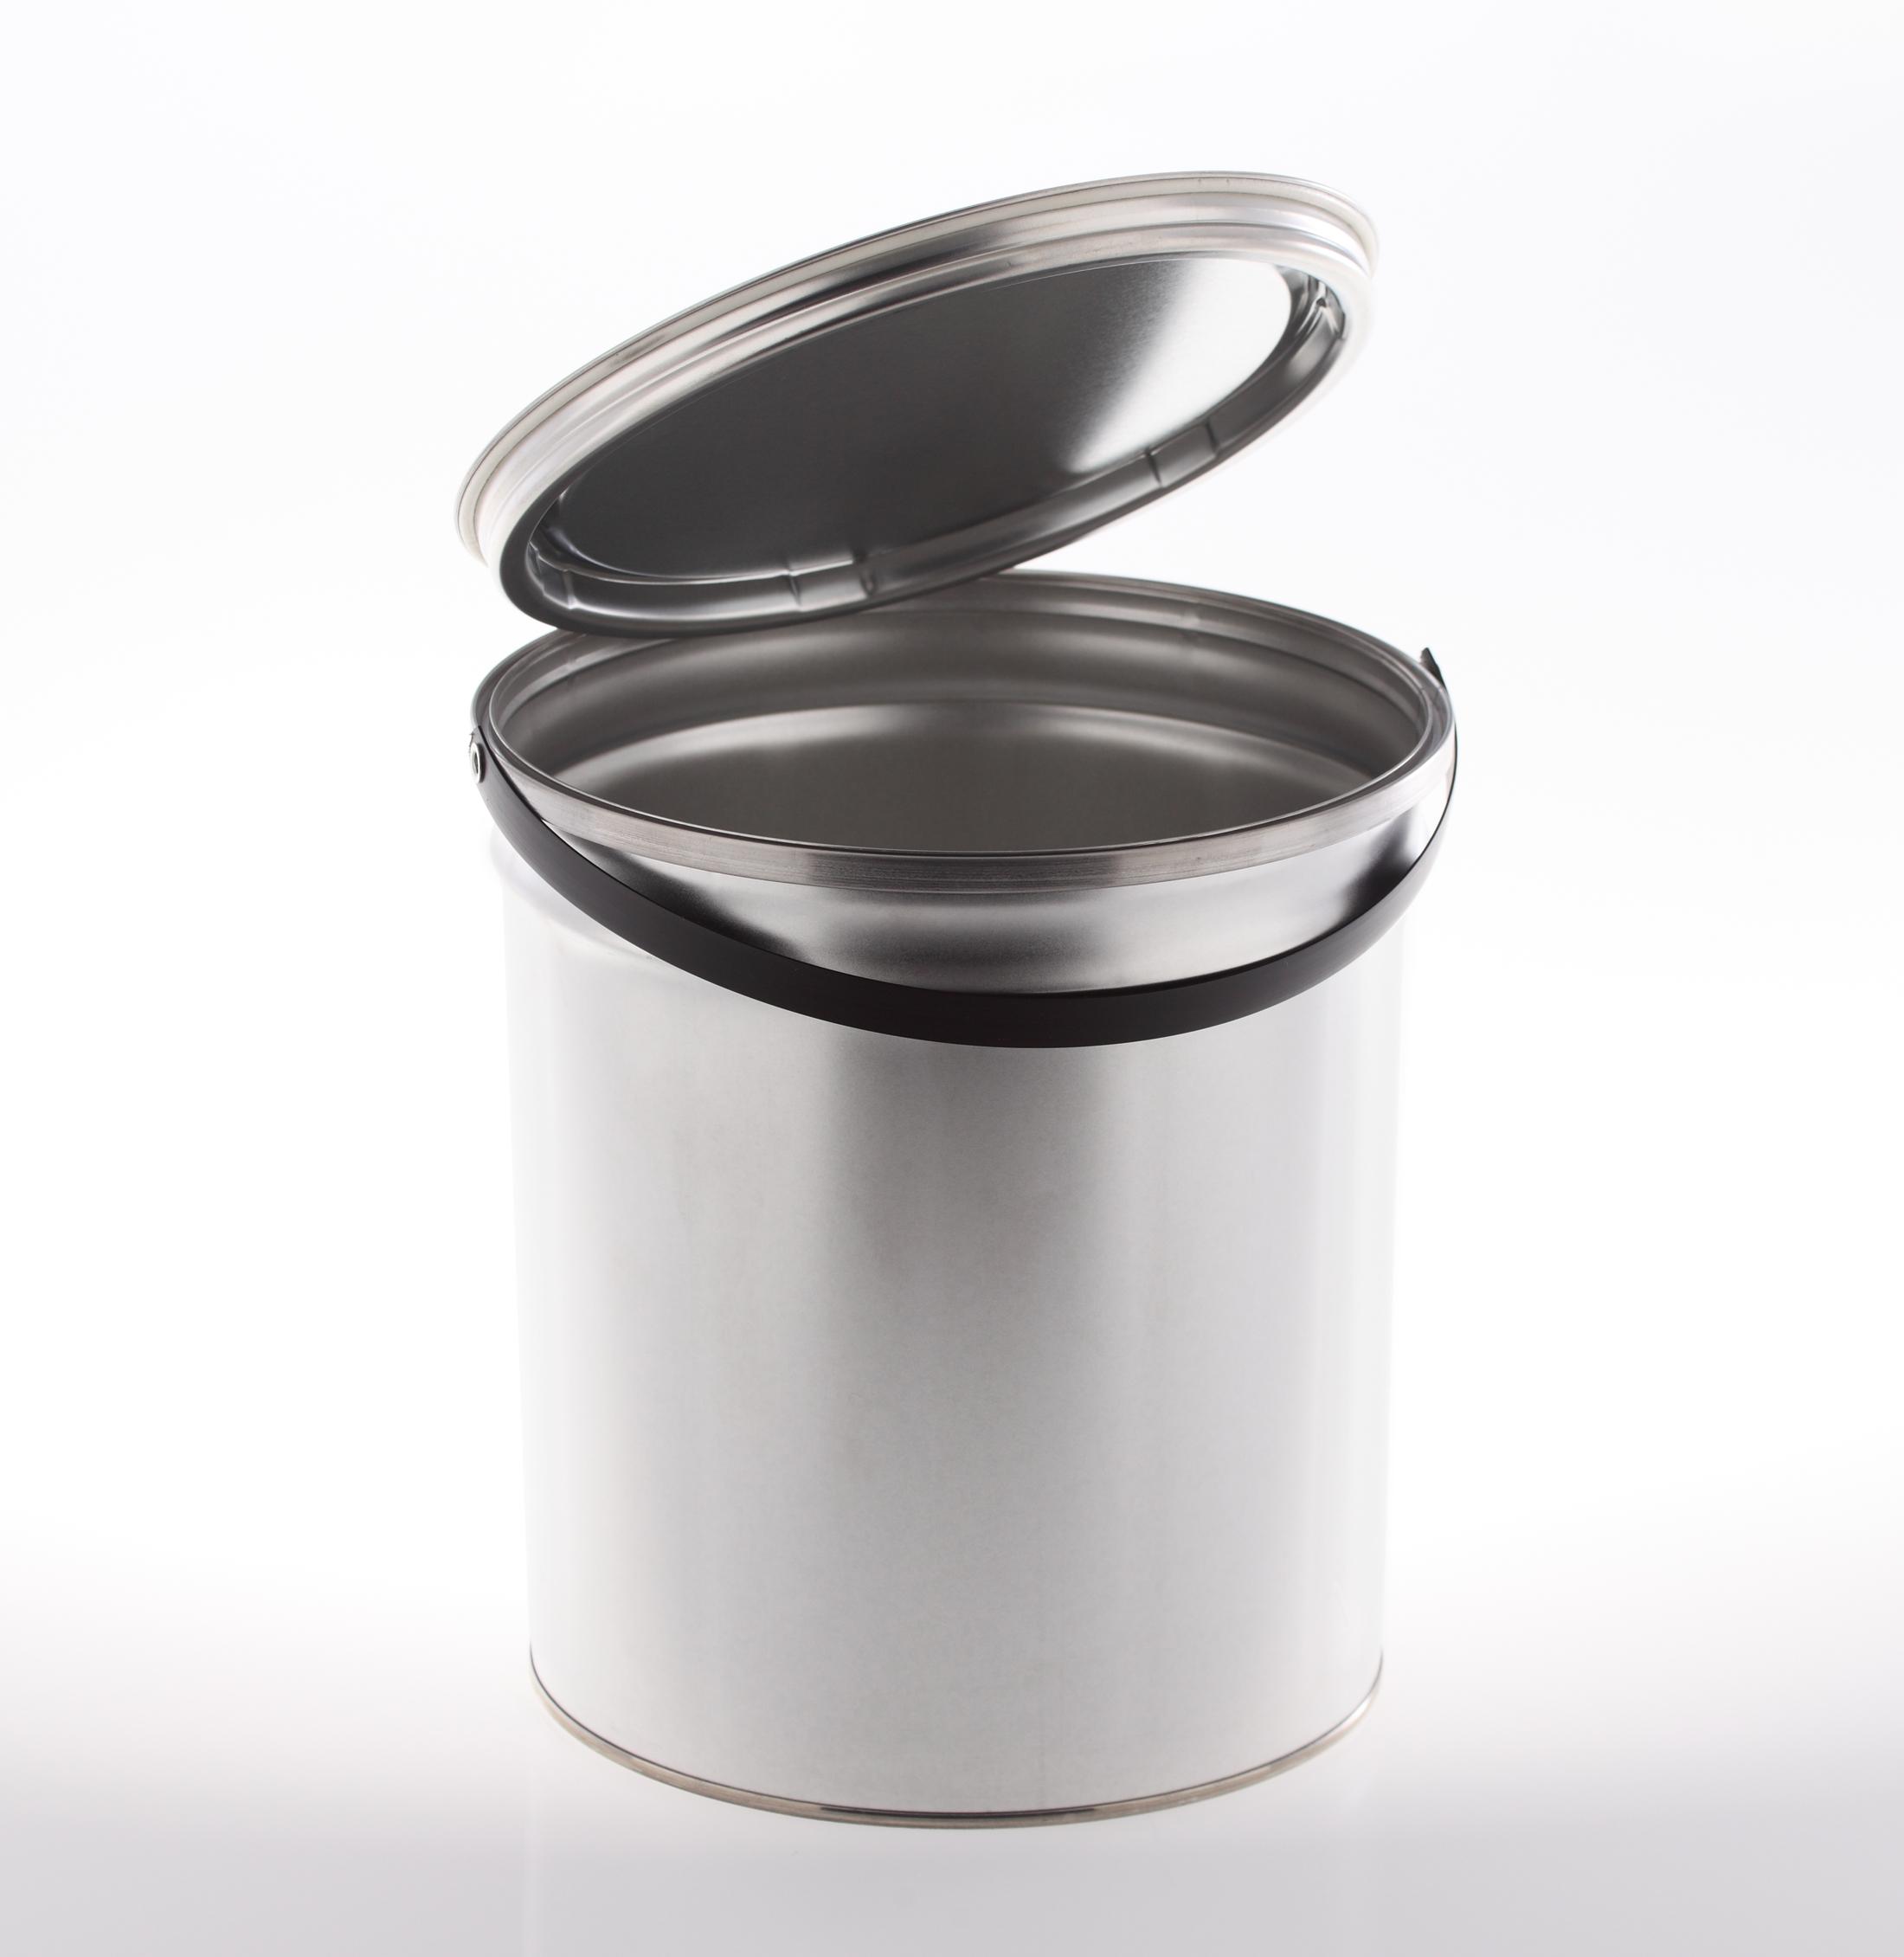 Metalleimer 5 Liter SiCan+